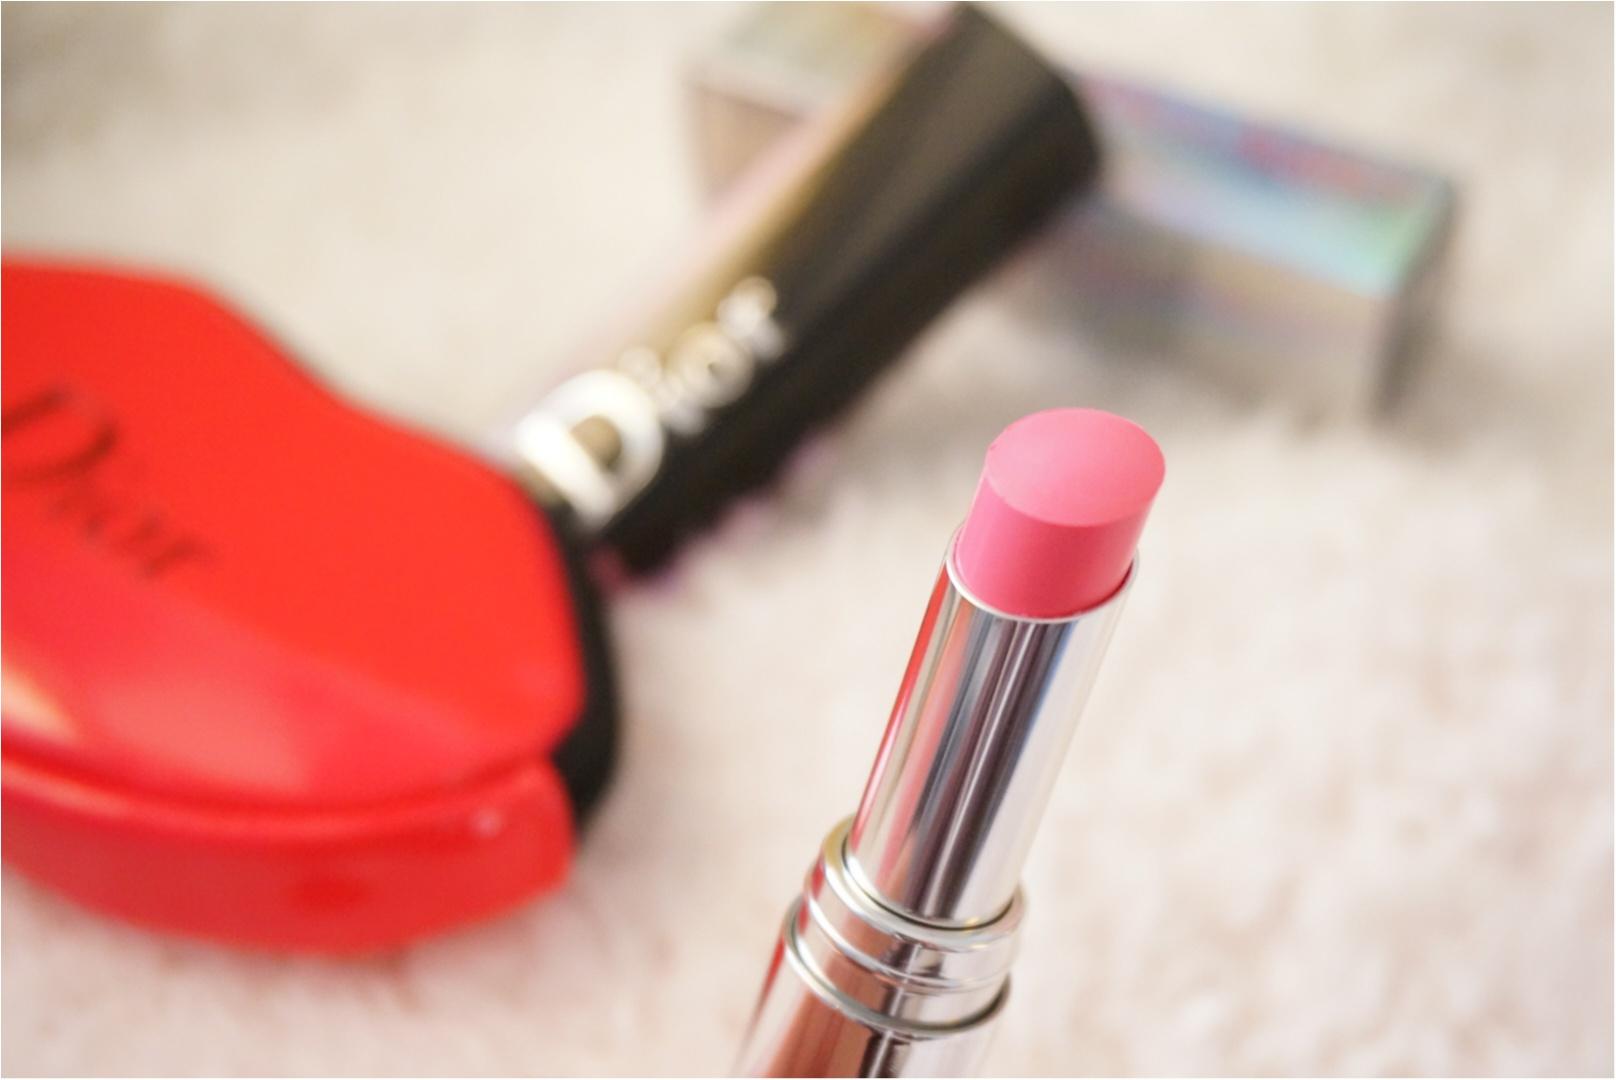 《フォンダンリップ》って何??【Dior ADDICT】から新リップ・ラッカースティックが登場❤️_2